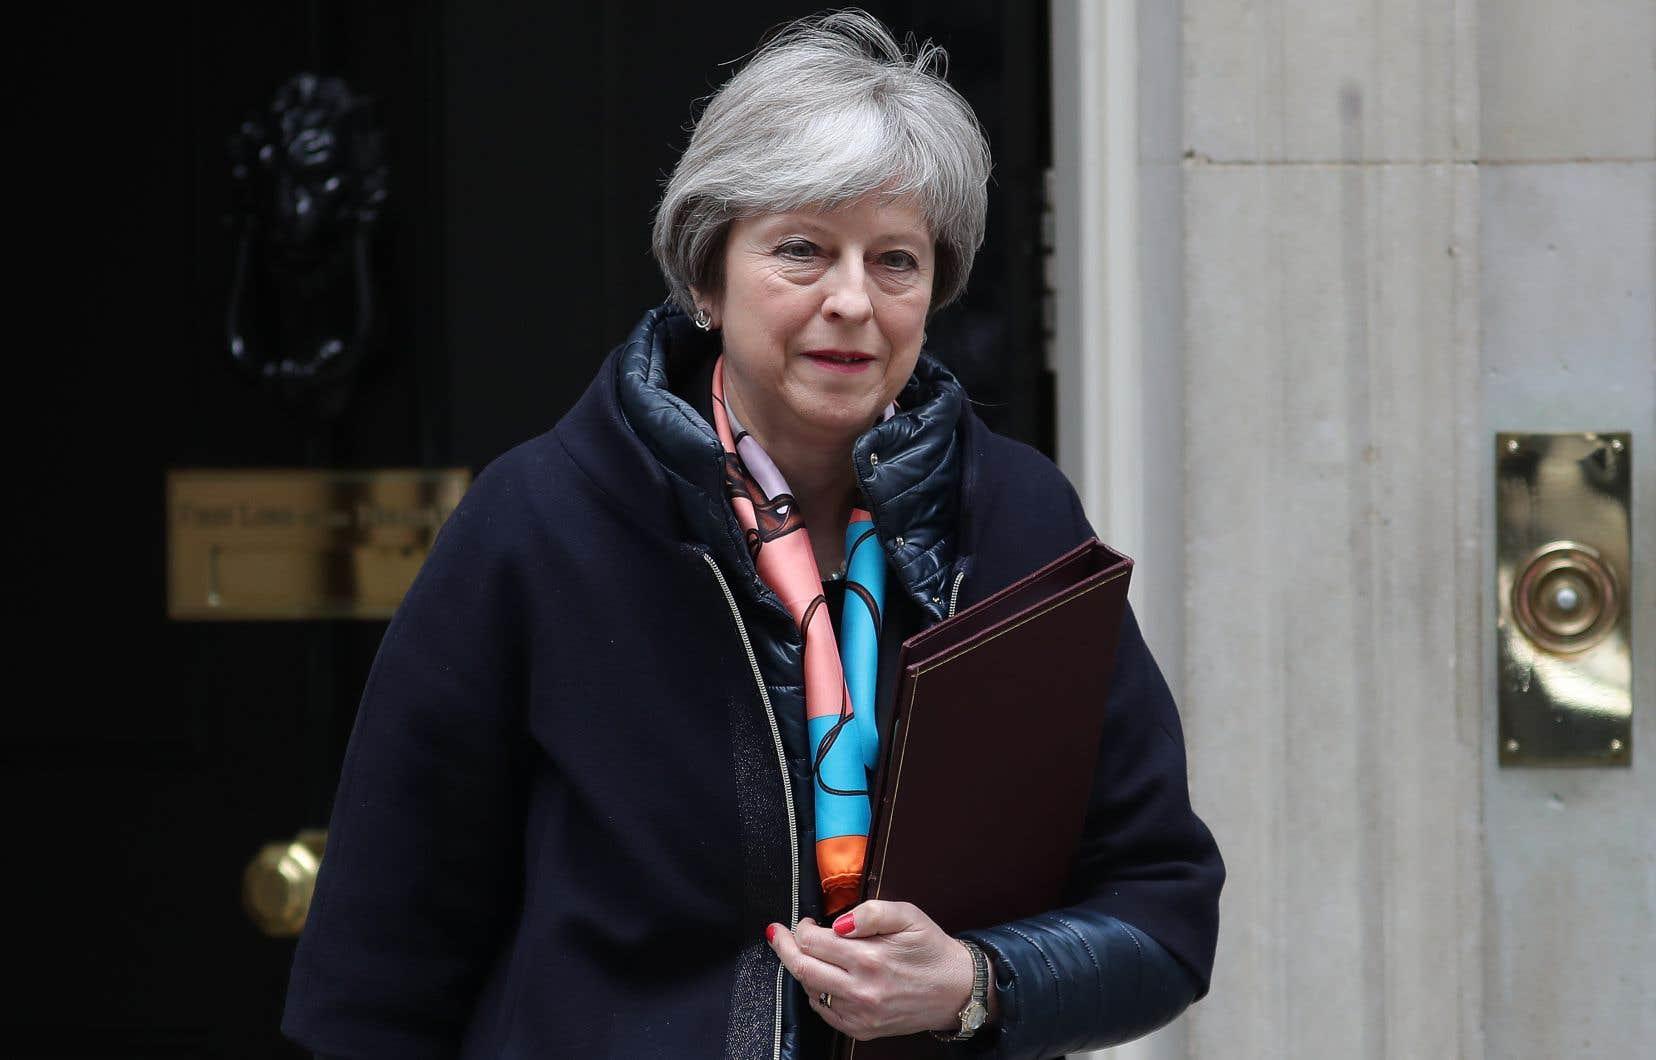 La première ministre britannique, Theresa May, a estimé «très probable» que la Russie soit «responsable» de l'empoisonnement.